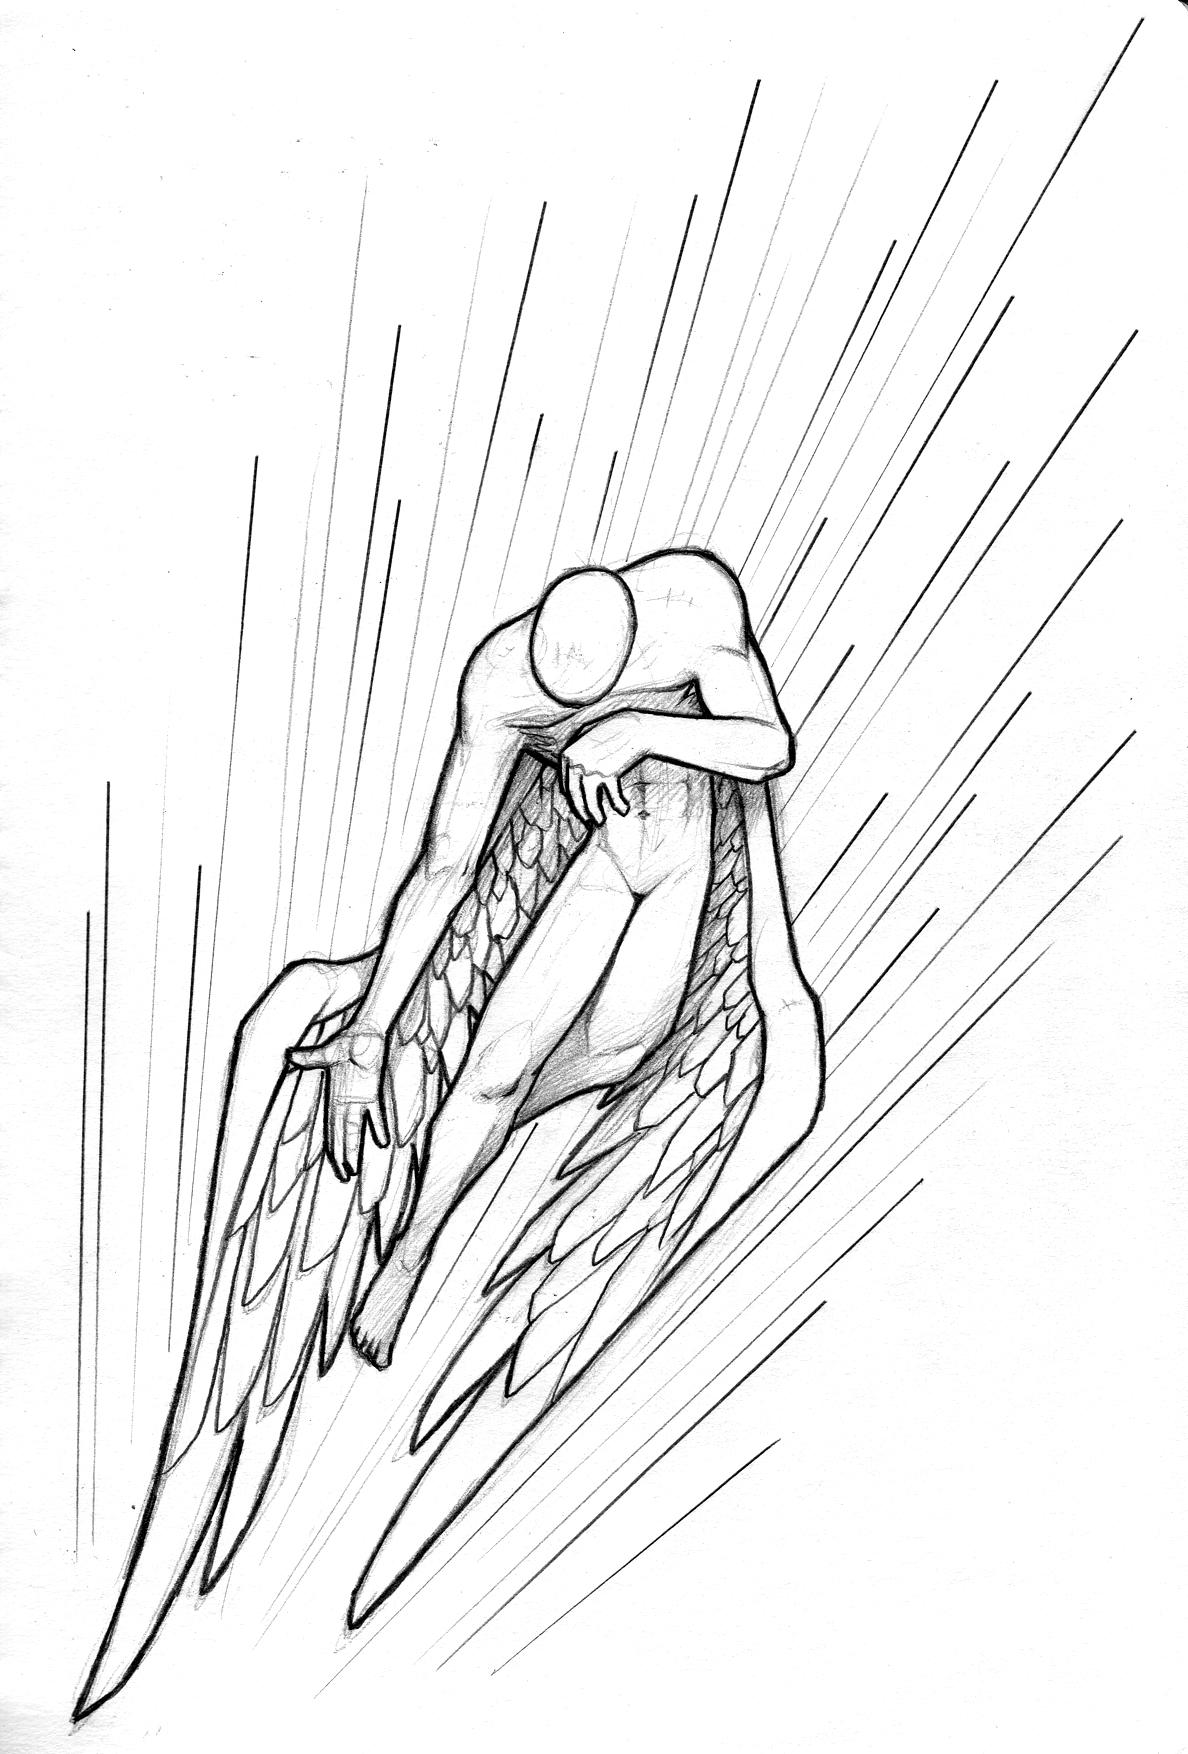 1188x1754 Flight Of An Angel By Genesis